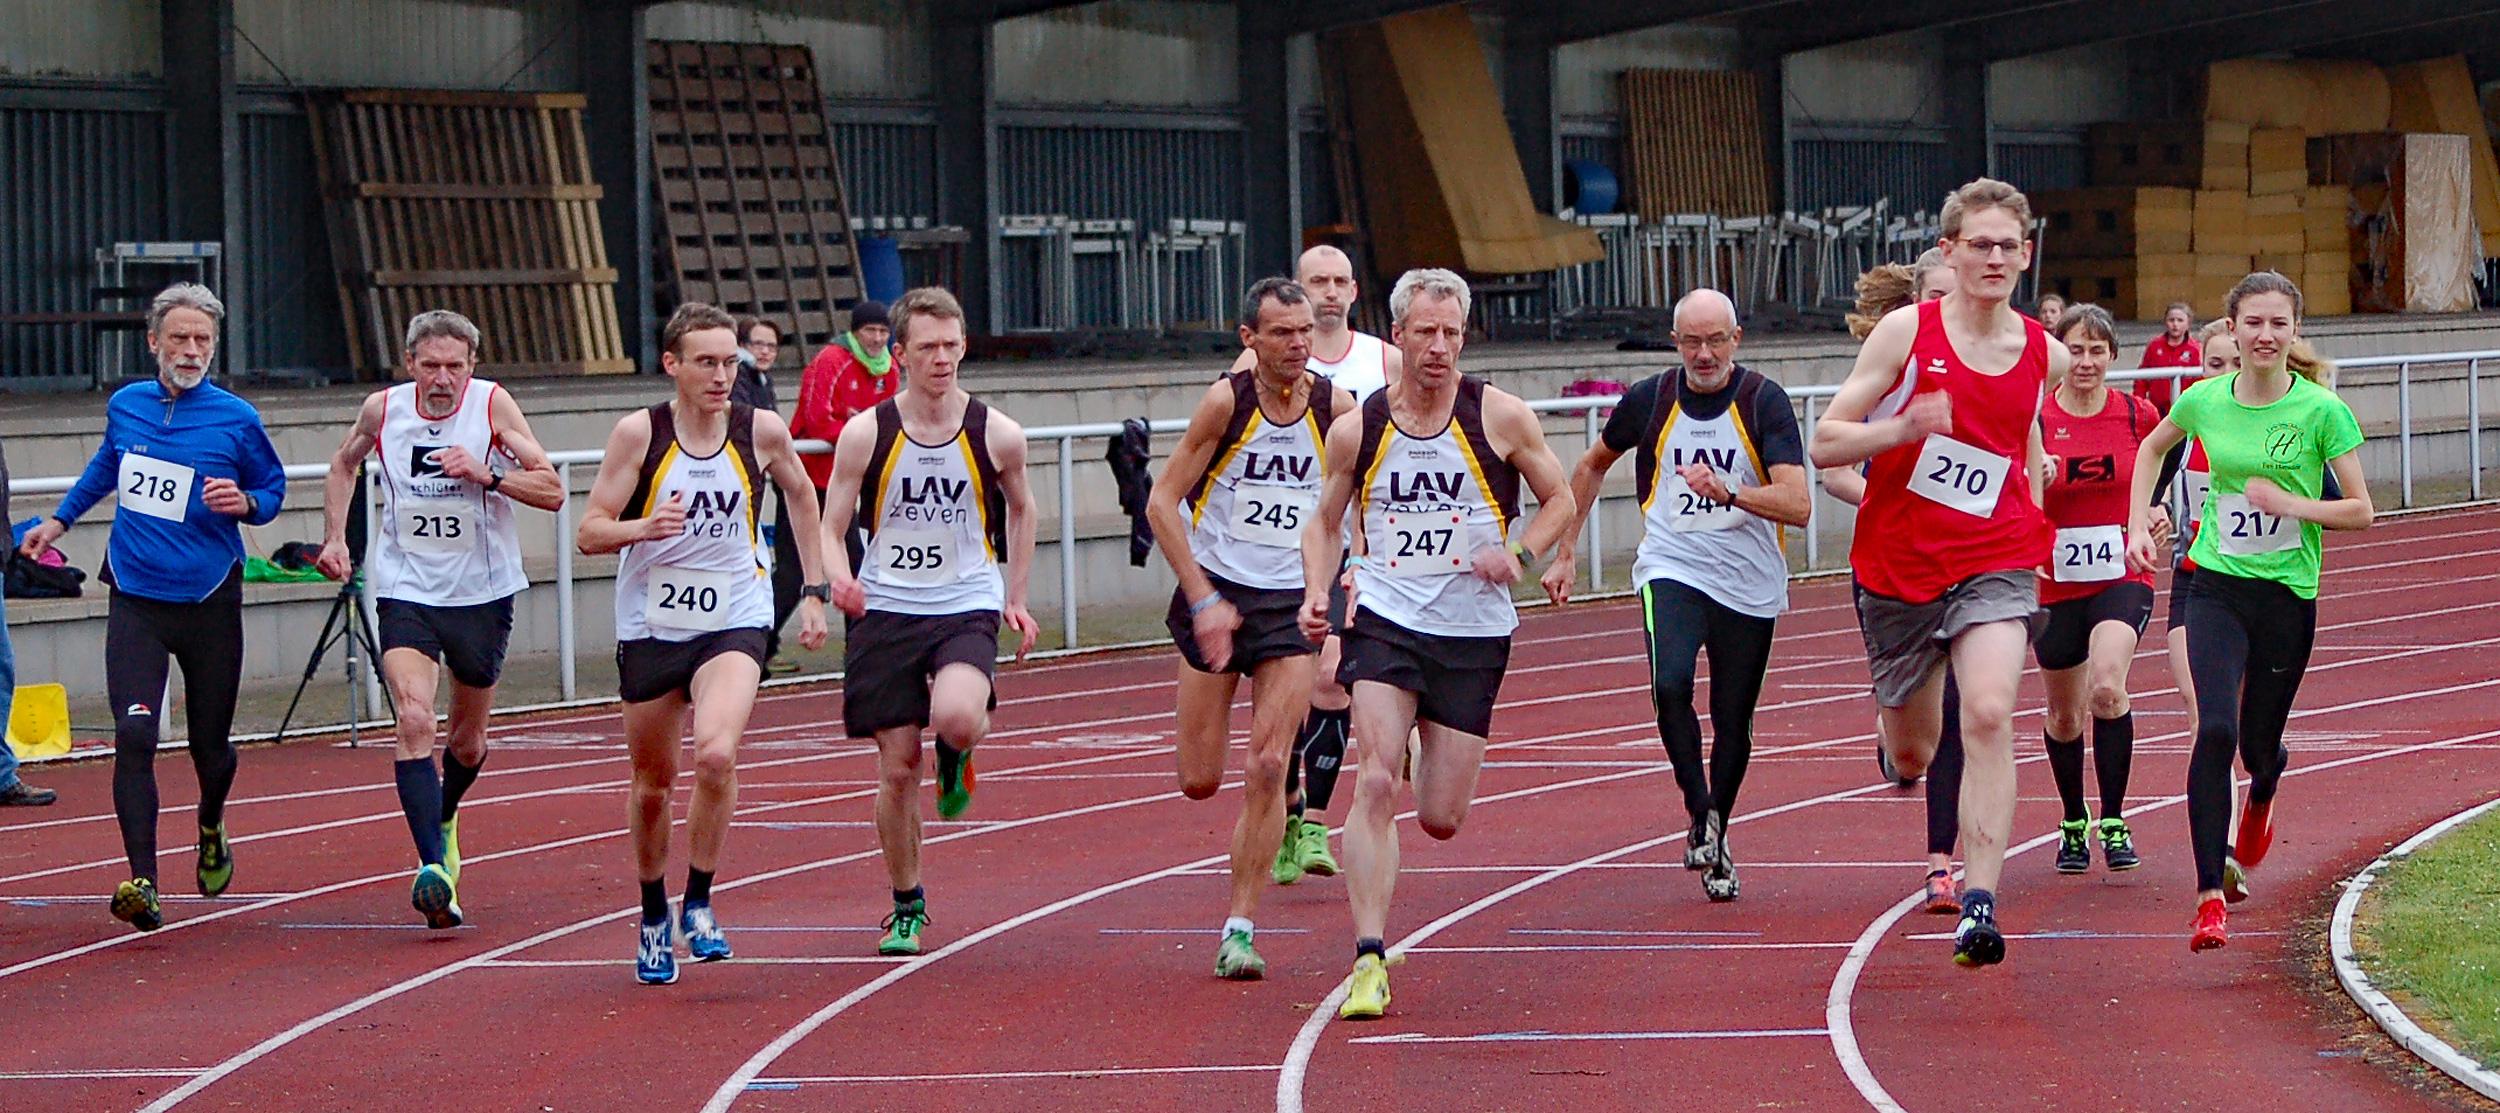 06: Start zum 800m-Lauf der U18 und älter.